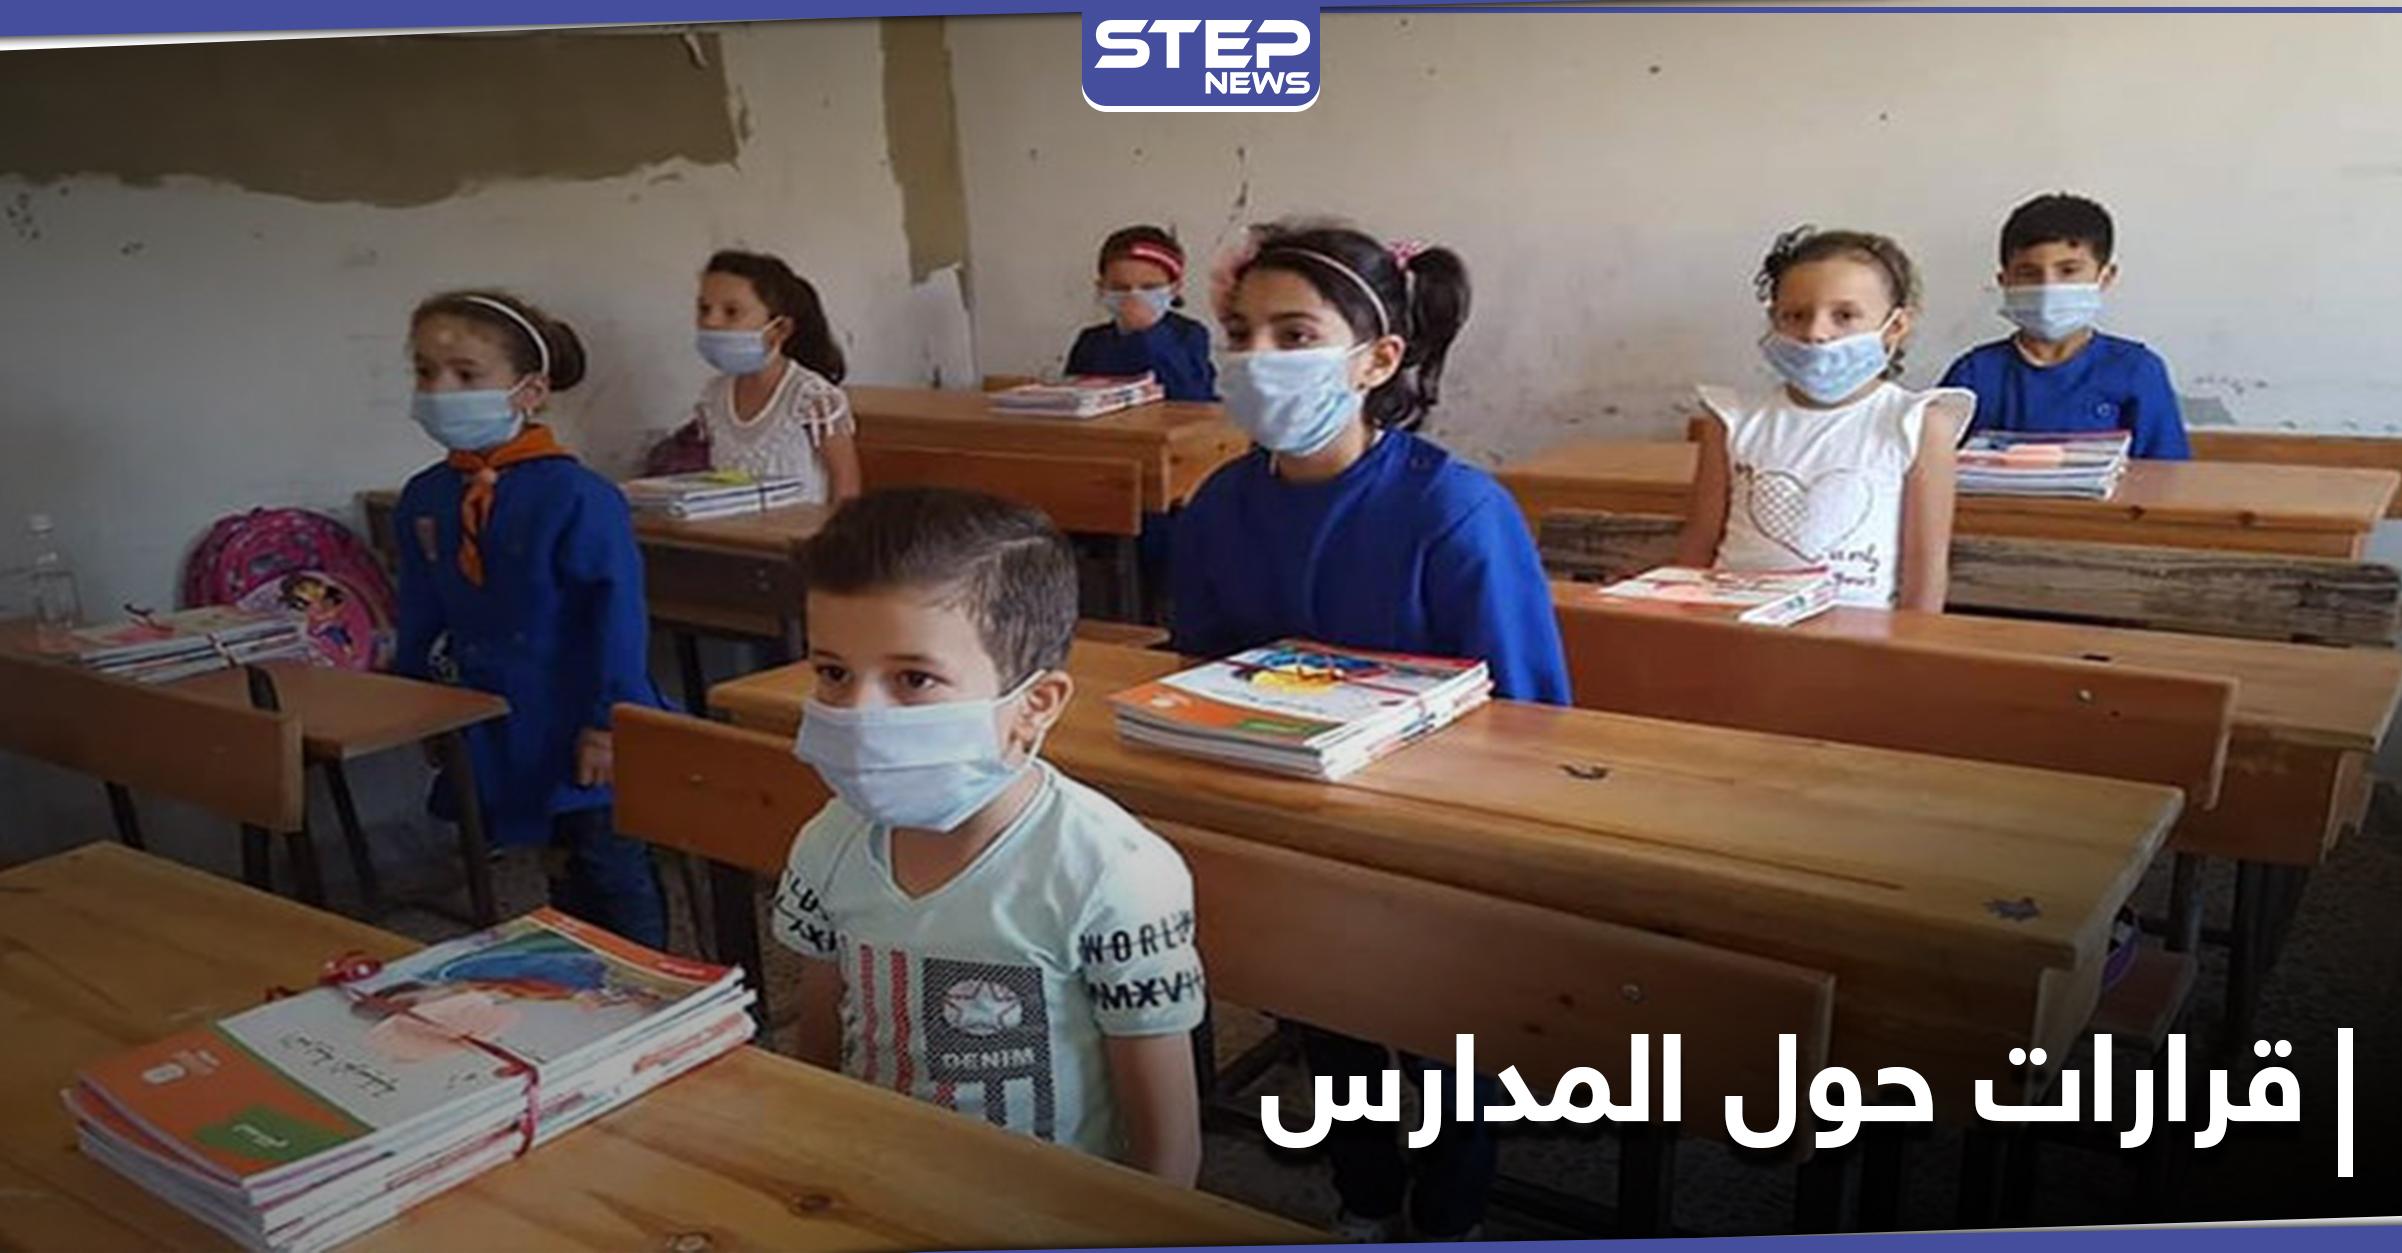 حكومة النظام السوري تقر مجموعة من الإجراءات تتعلق بدوام الجامعات والمعاهد والمدارس